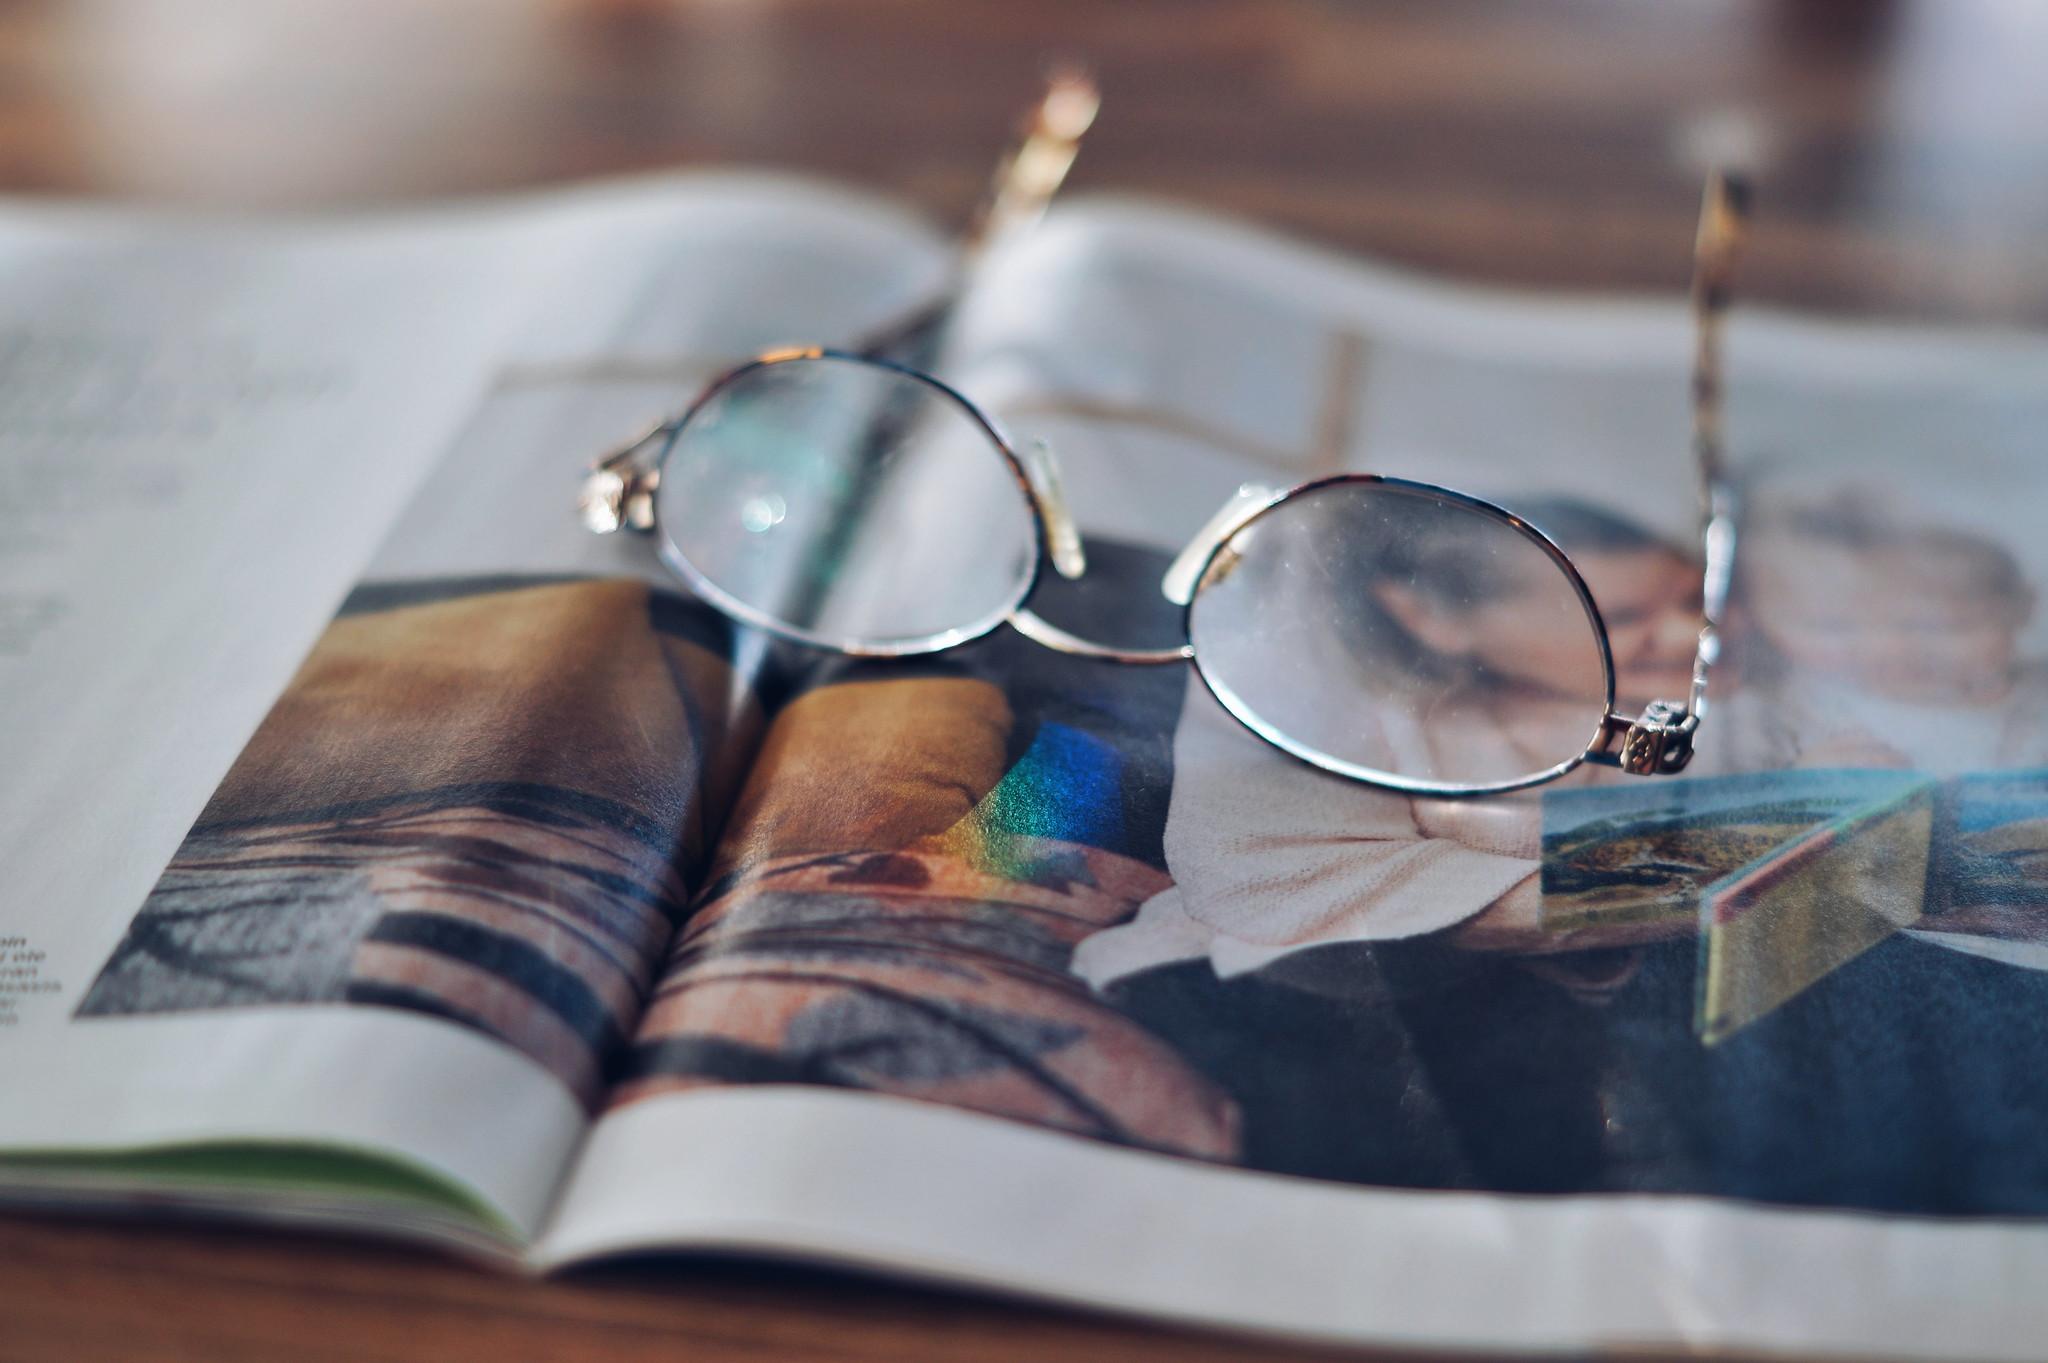 lukeminen-blogi